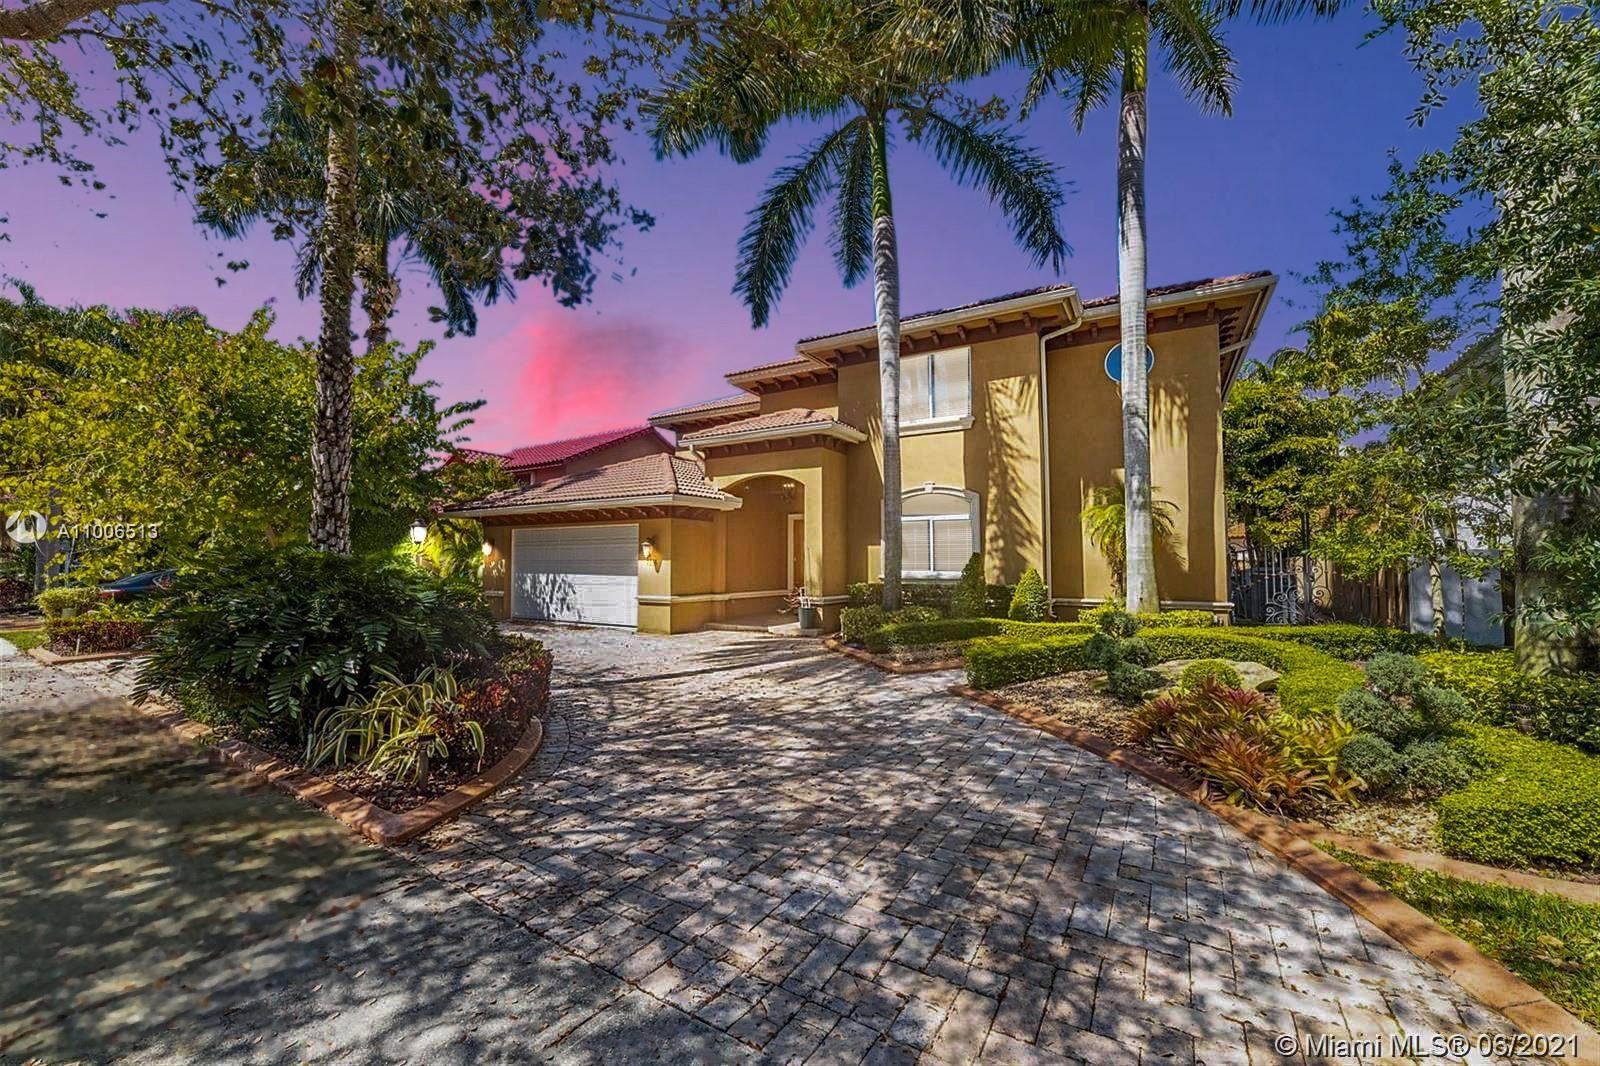 8235 NW 163 St, Miami Lakes, FL 33016 - #: A11006513